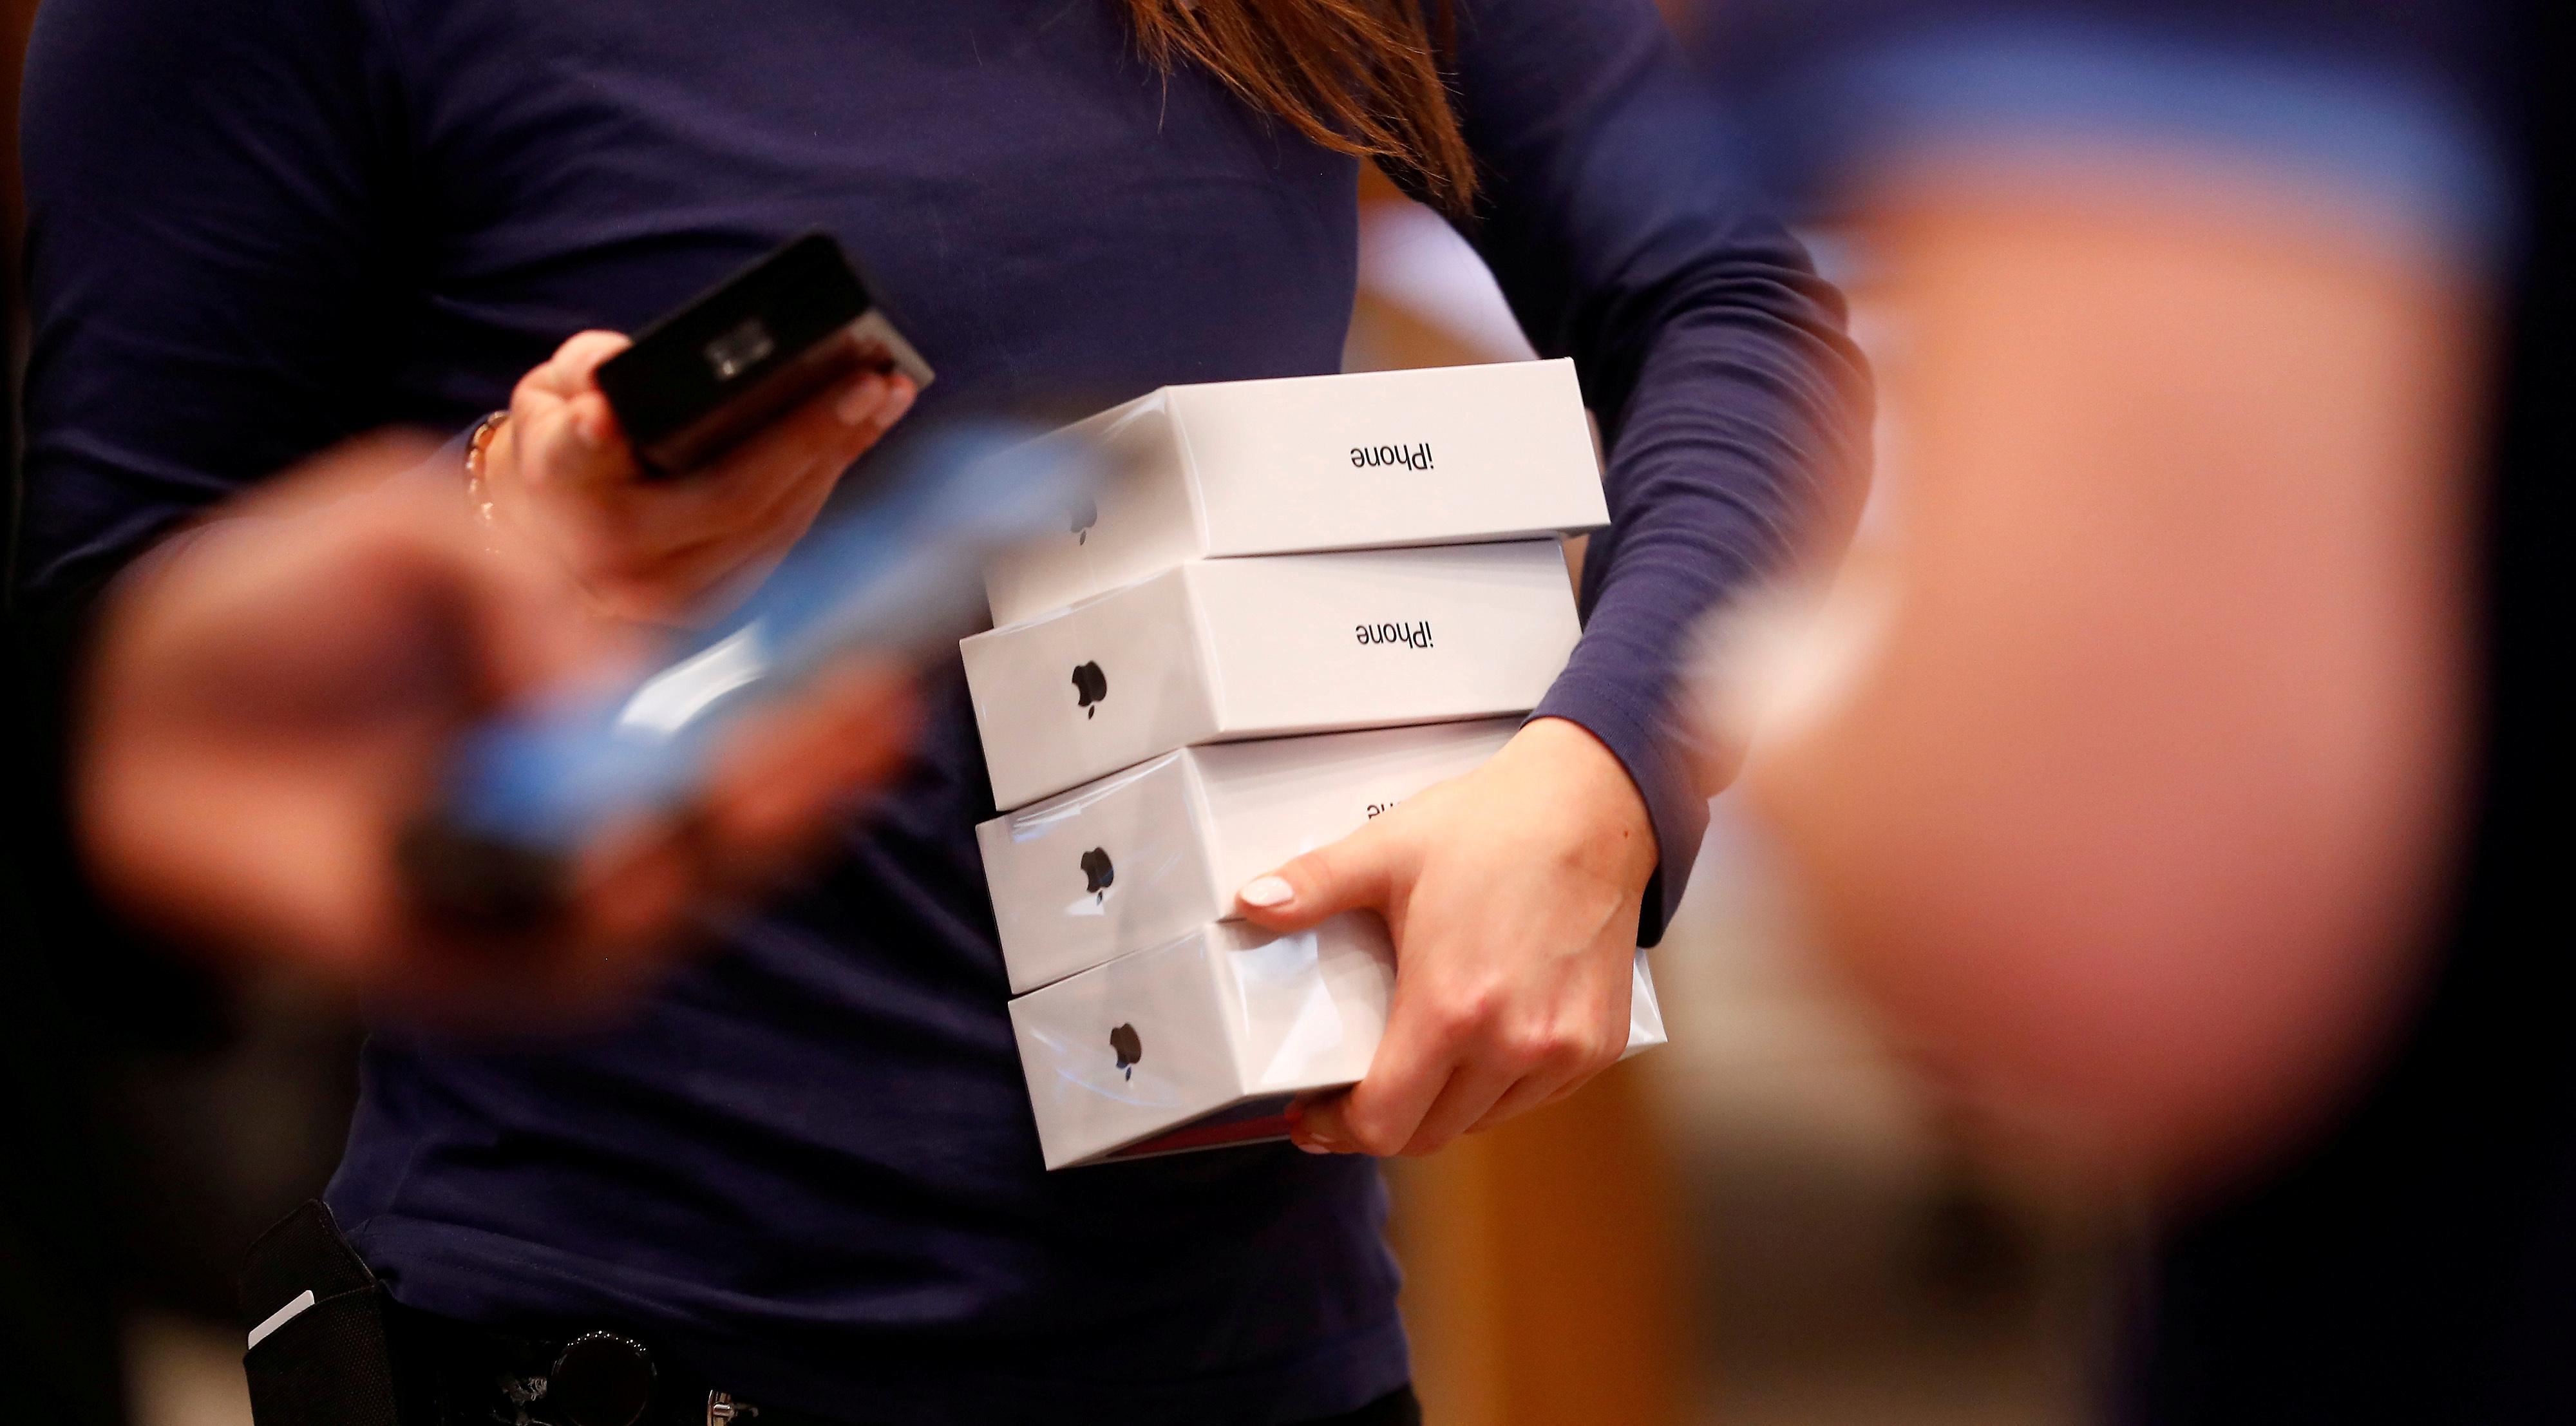 在德国下架在中国继续卖苹果为何敢选择性执行判决